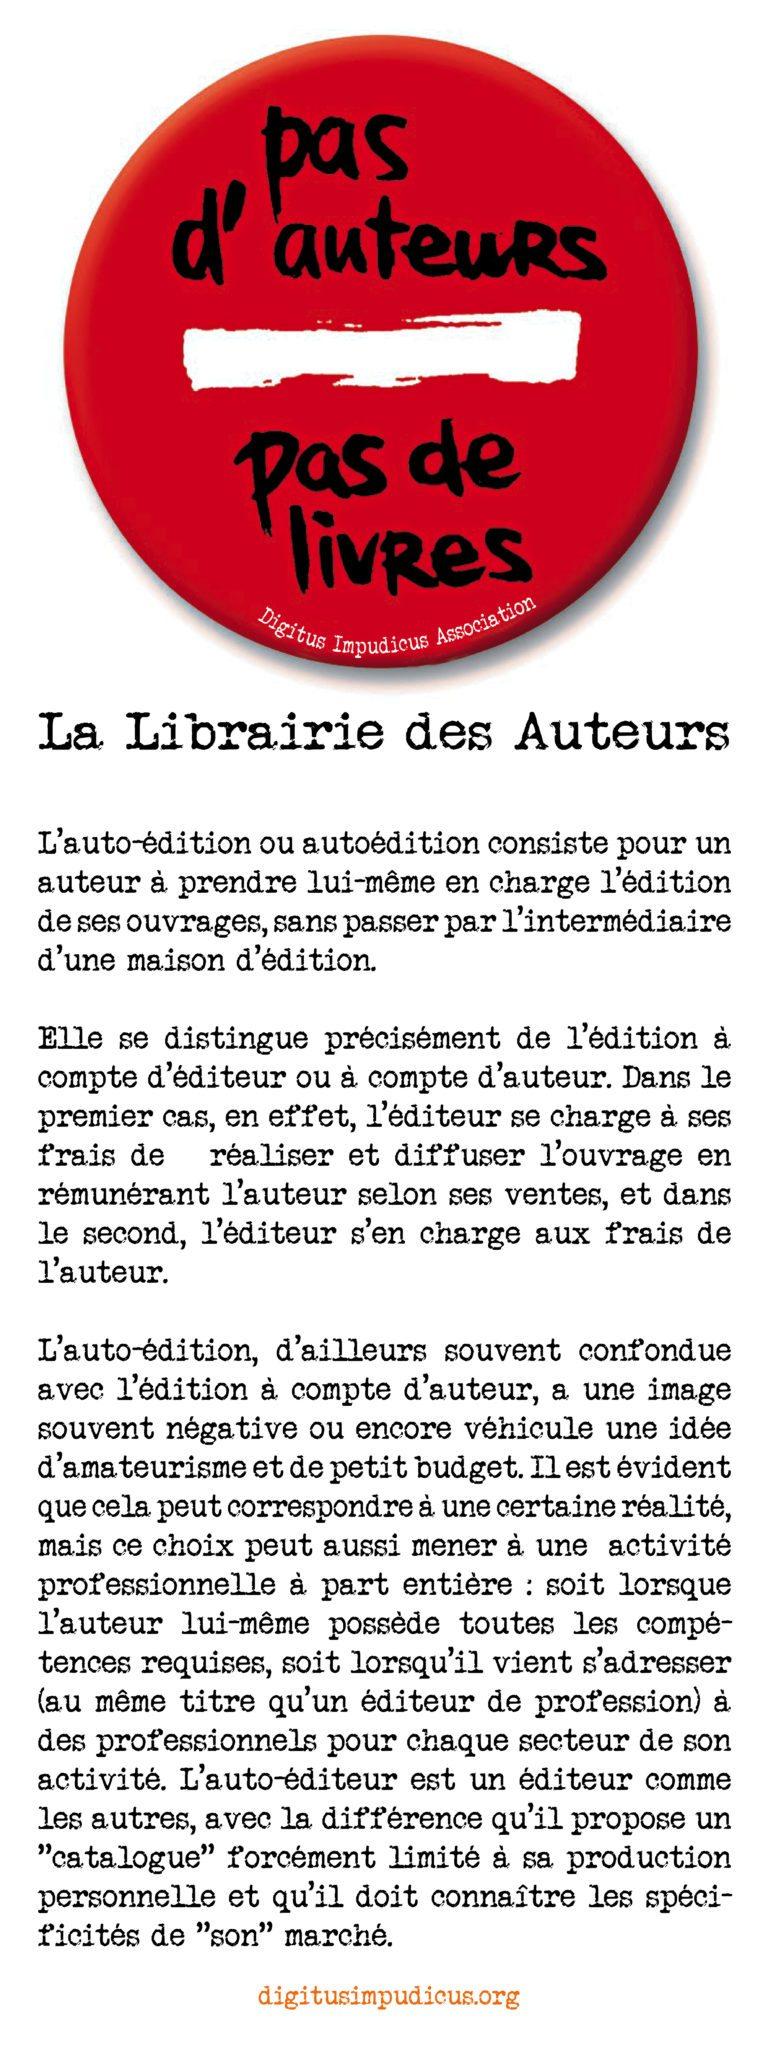 """Ouverture de la""""Librairie des Auteurs"""" au Garage, 40, rue des Halles, 44600 Saint-Nazaire le 10 décembre 2017."""